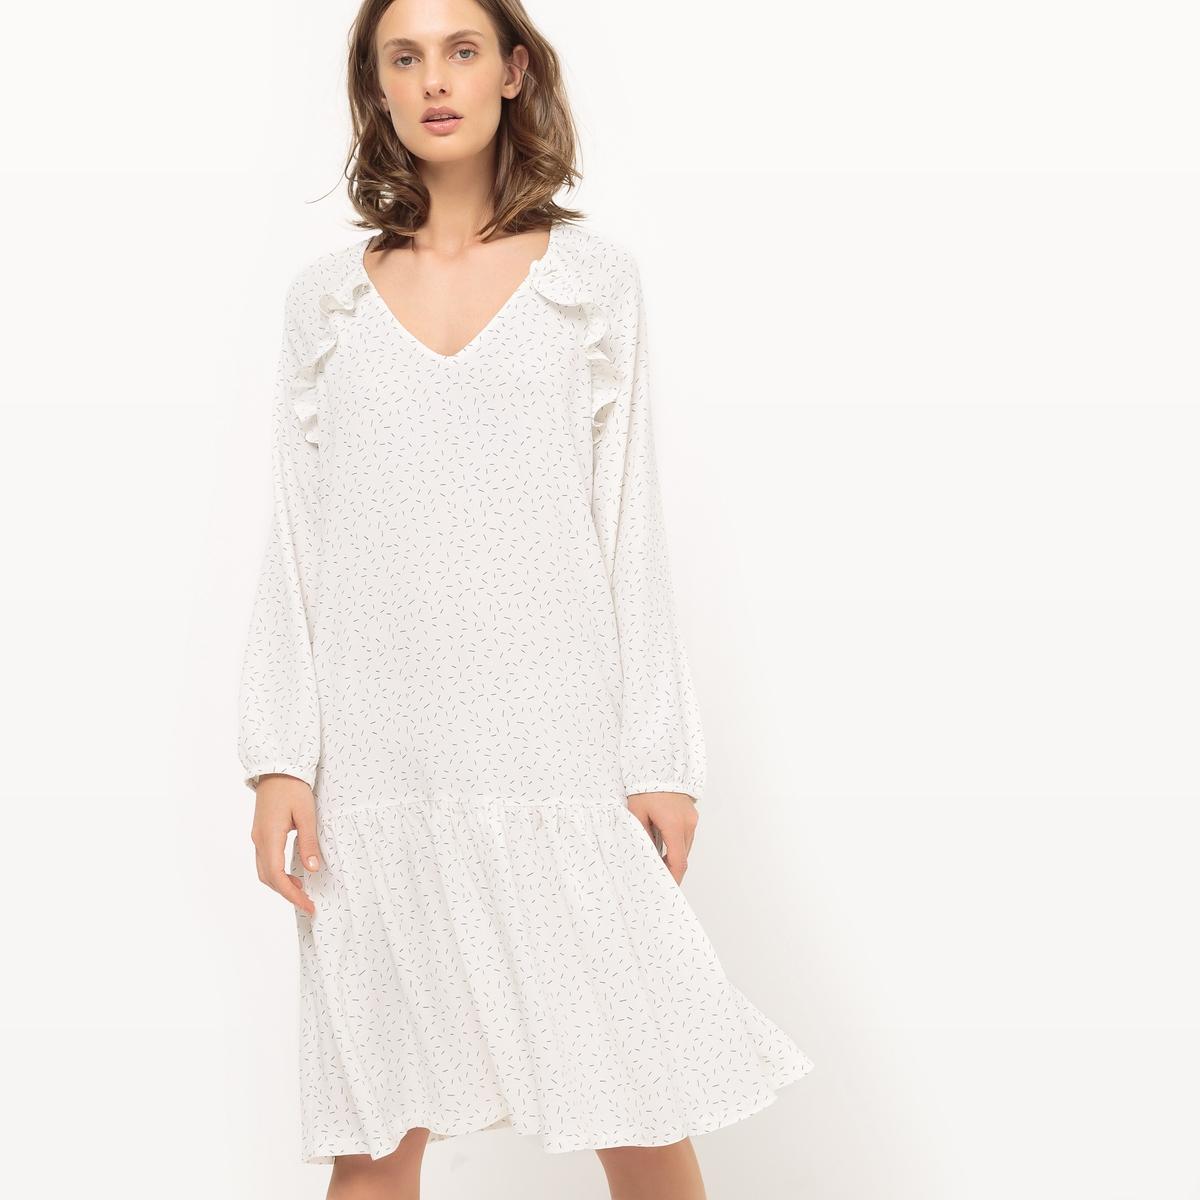 Платье с рисунком длиной до колен